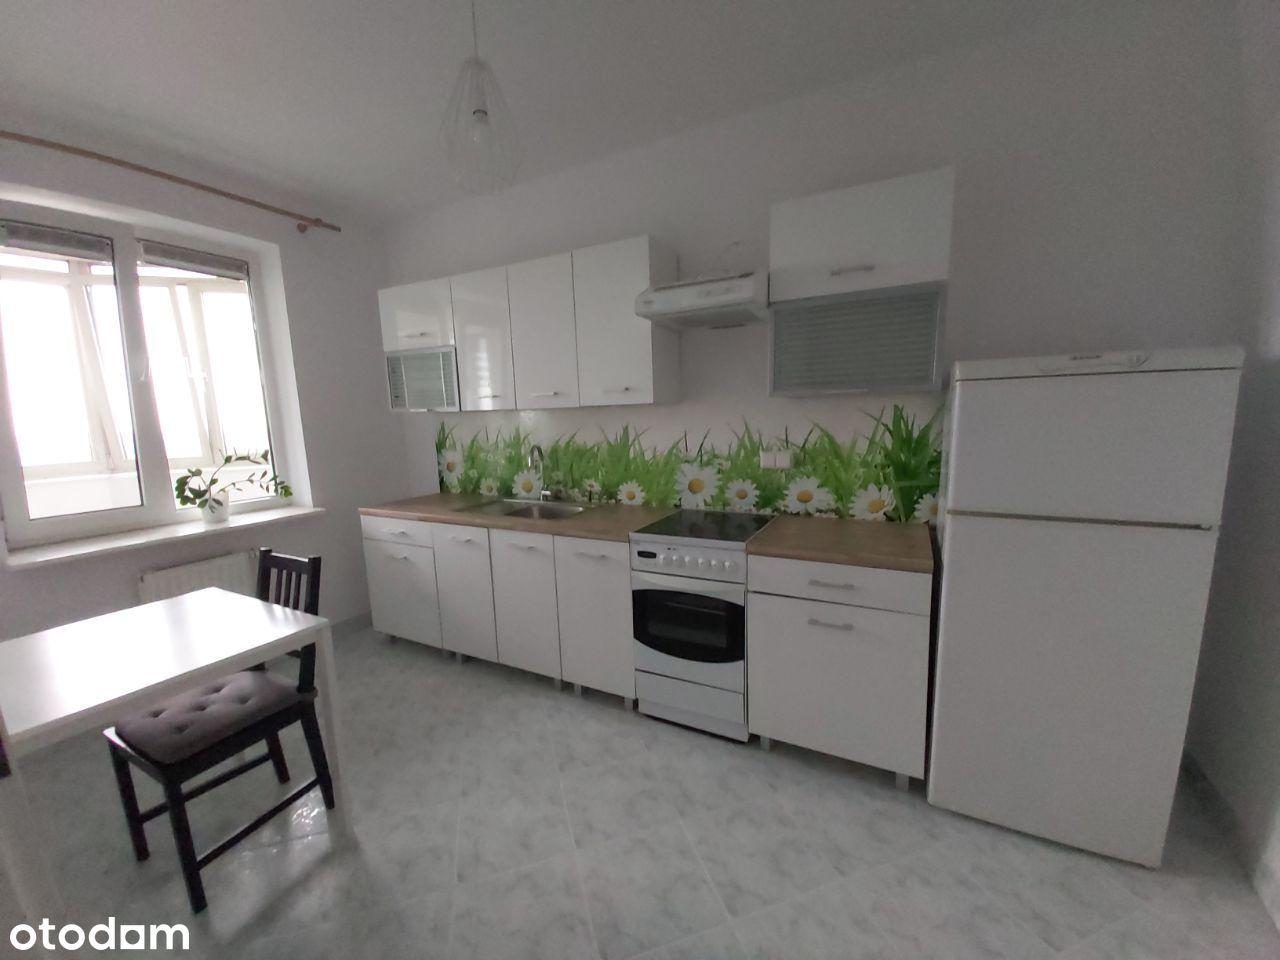 Wynajem mieszkania Kondratowicza 22, 41m2, Umeblow